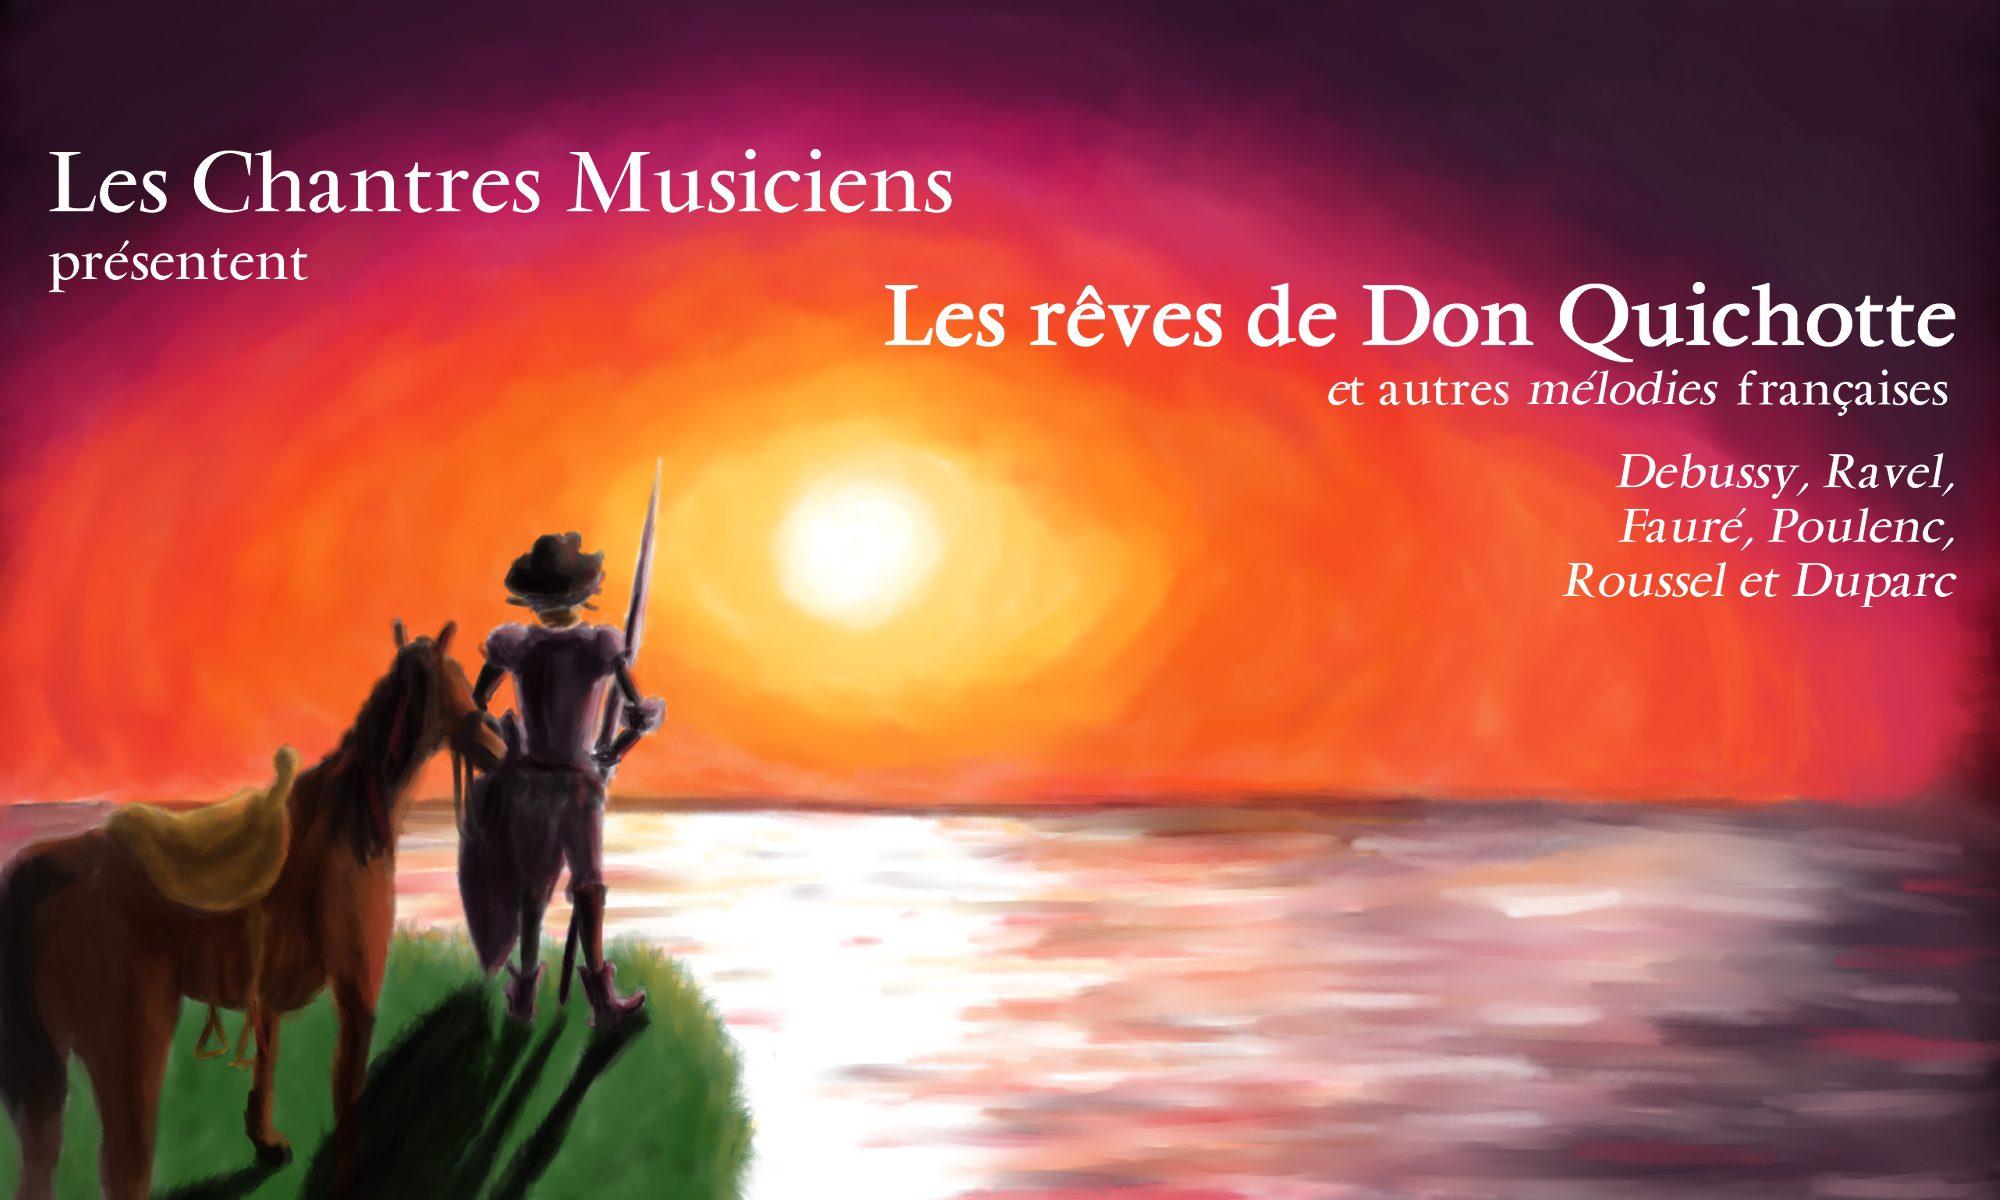 Les Chantres Musiciens